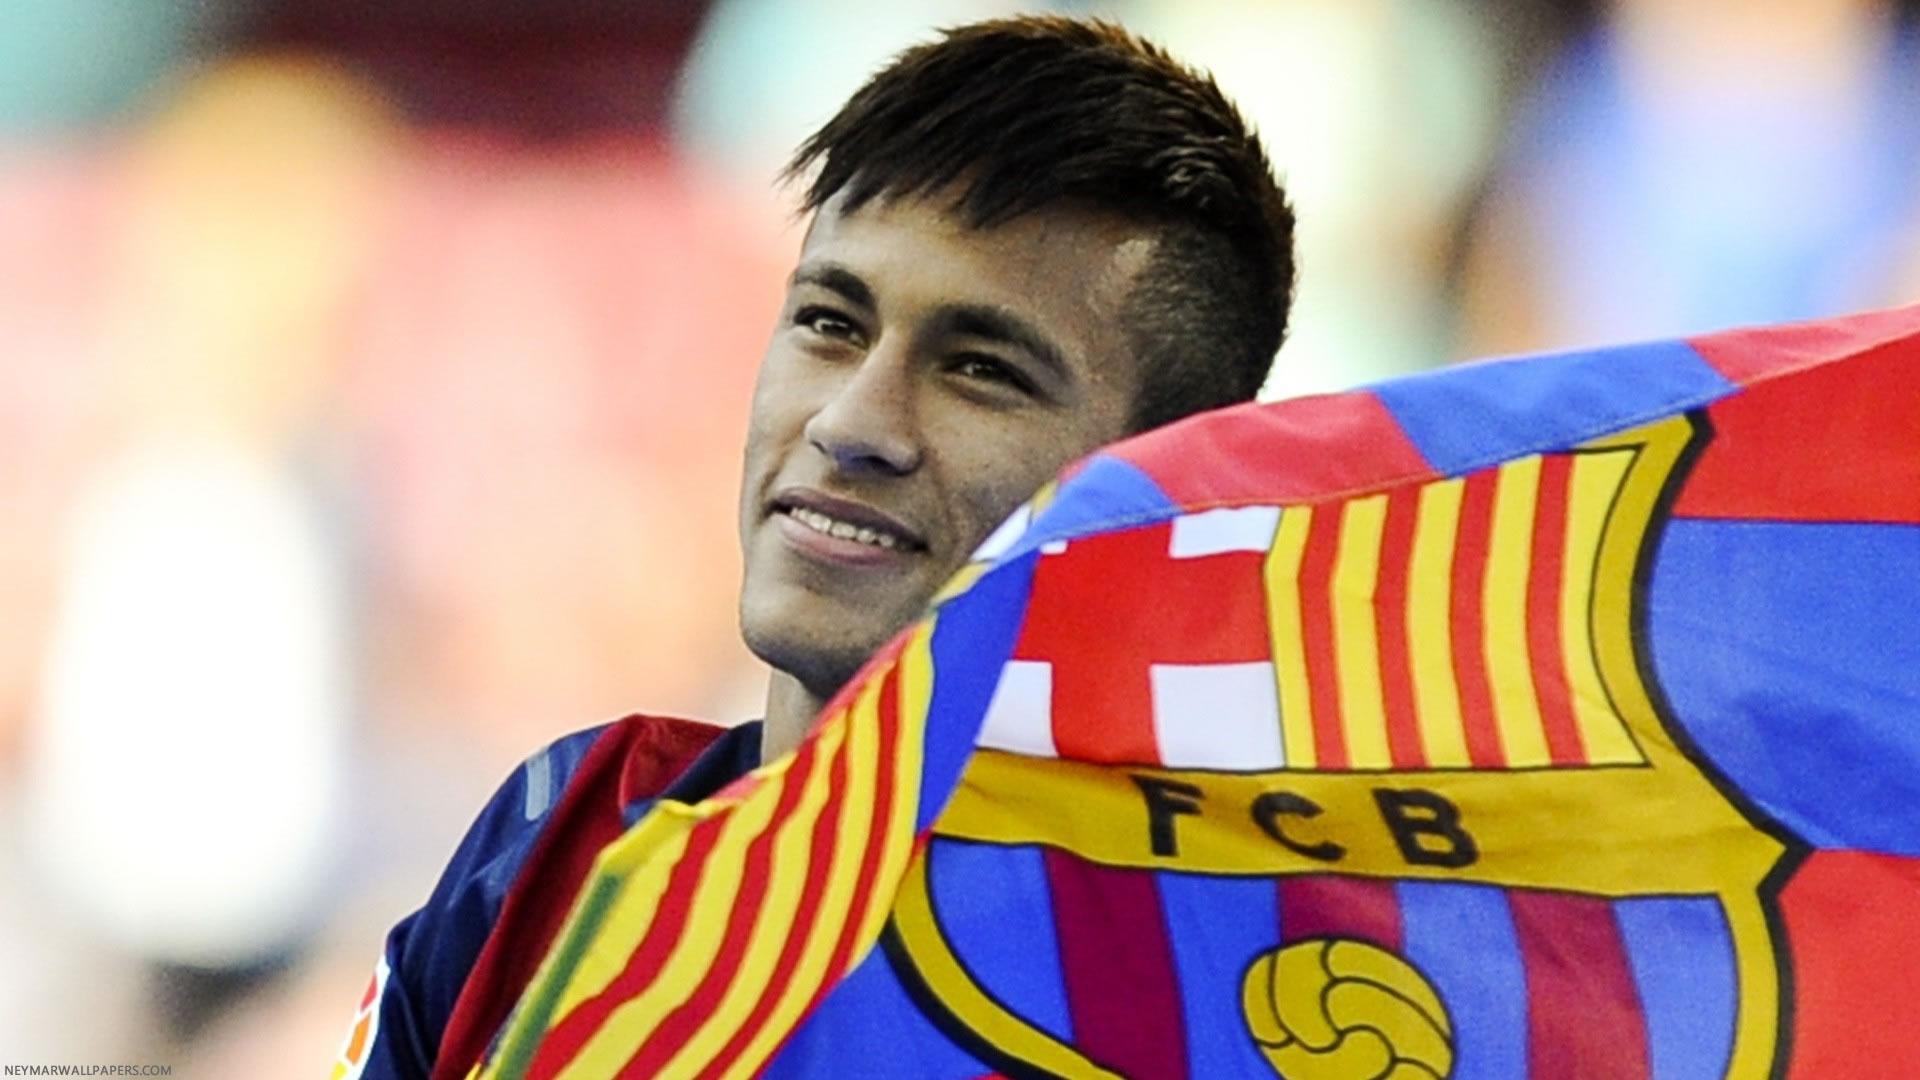 Neymar with Barcelona flag